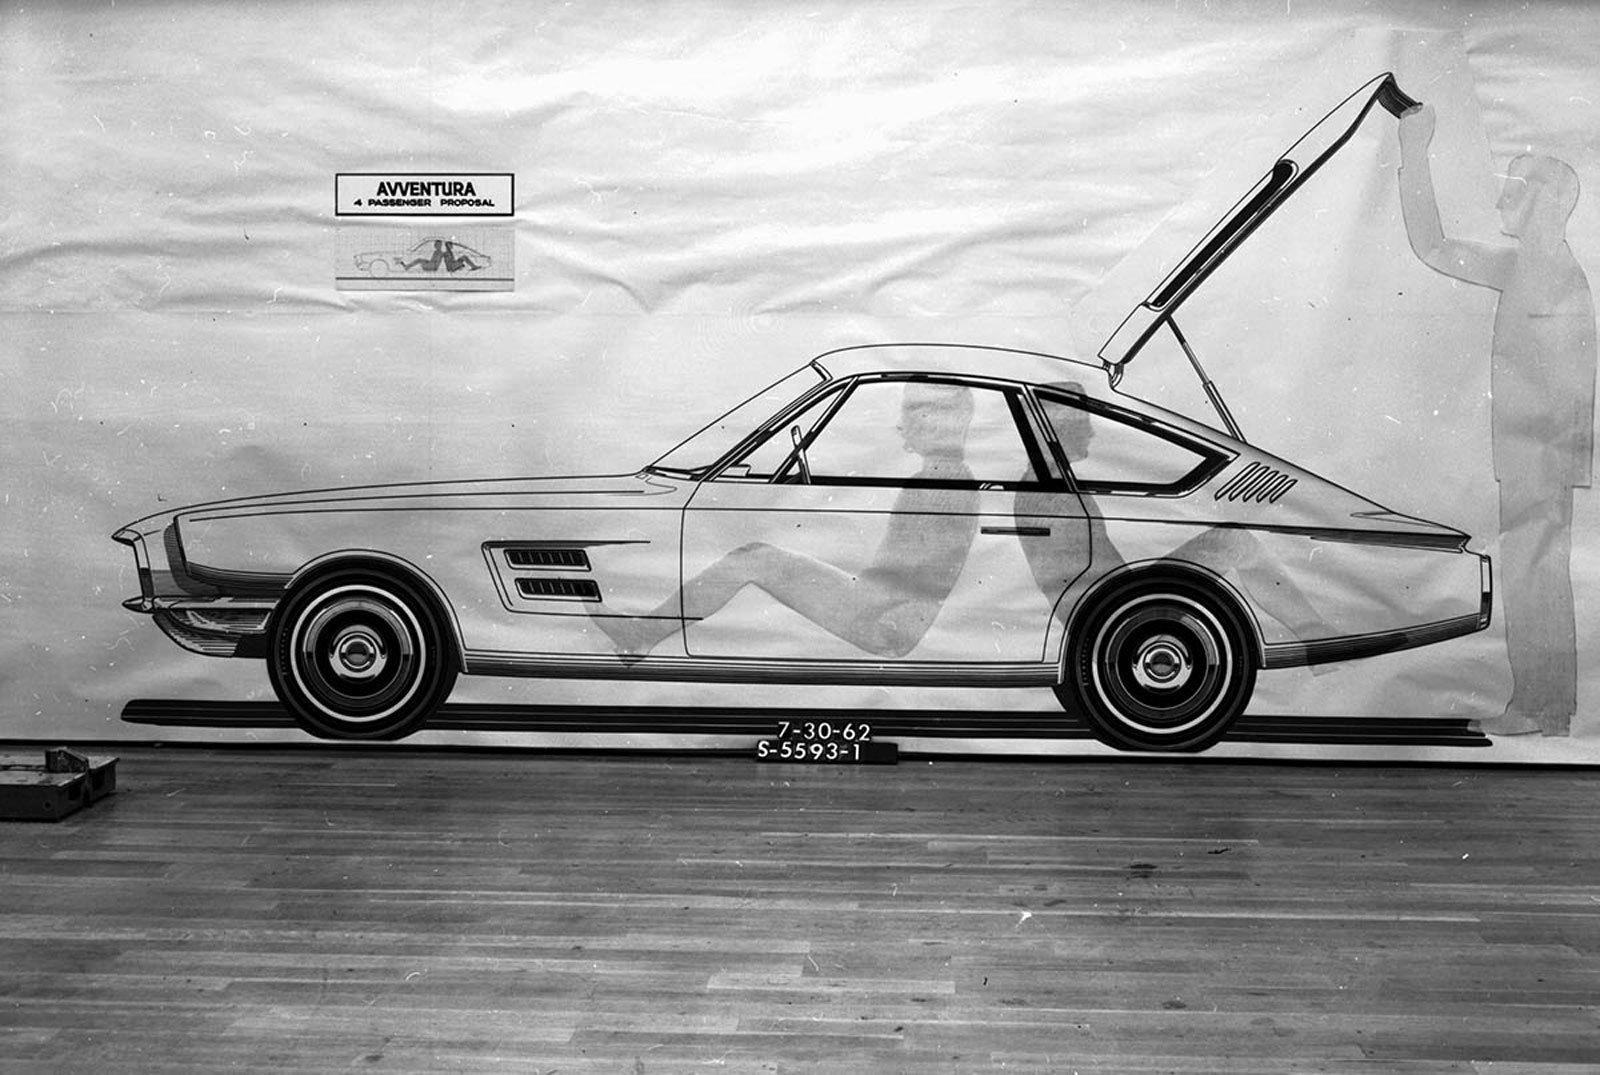 1961 Avventura, Avanti, Allegro, фото Ford Mustang